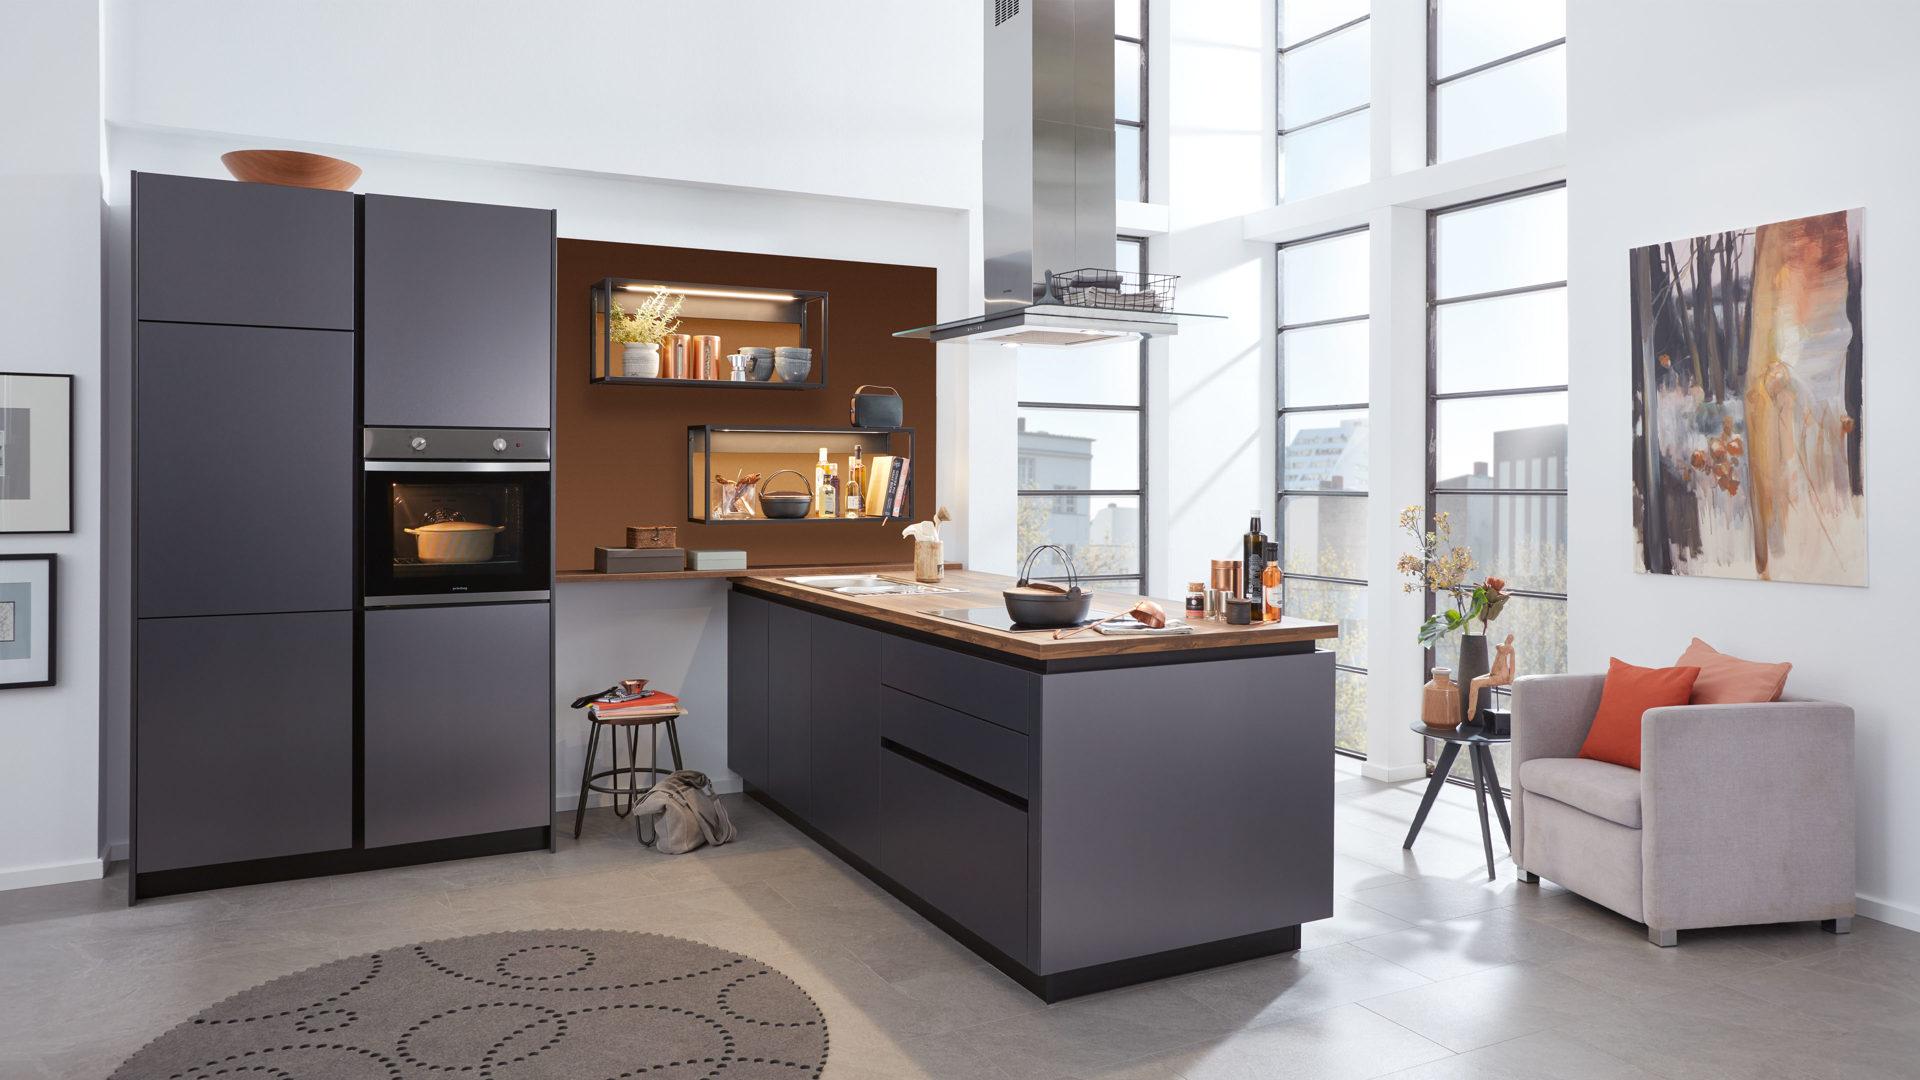 WERT-KÜCHE Corali Einbauküche mit privileg Einbaugeräten, Titan metallic &  Chaleteiche – zweizeilig